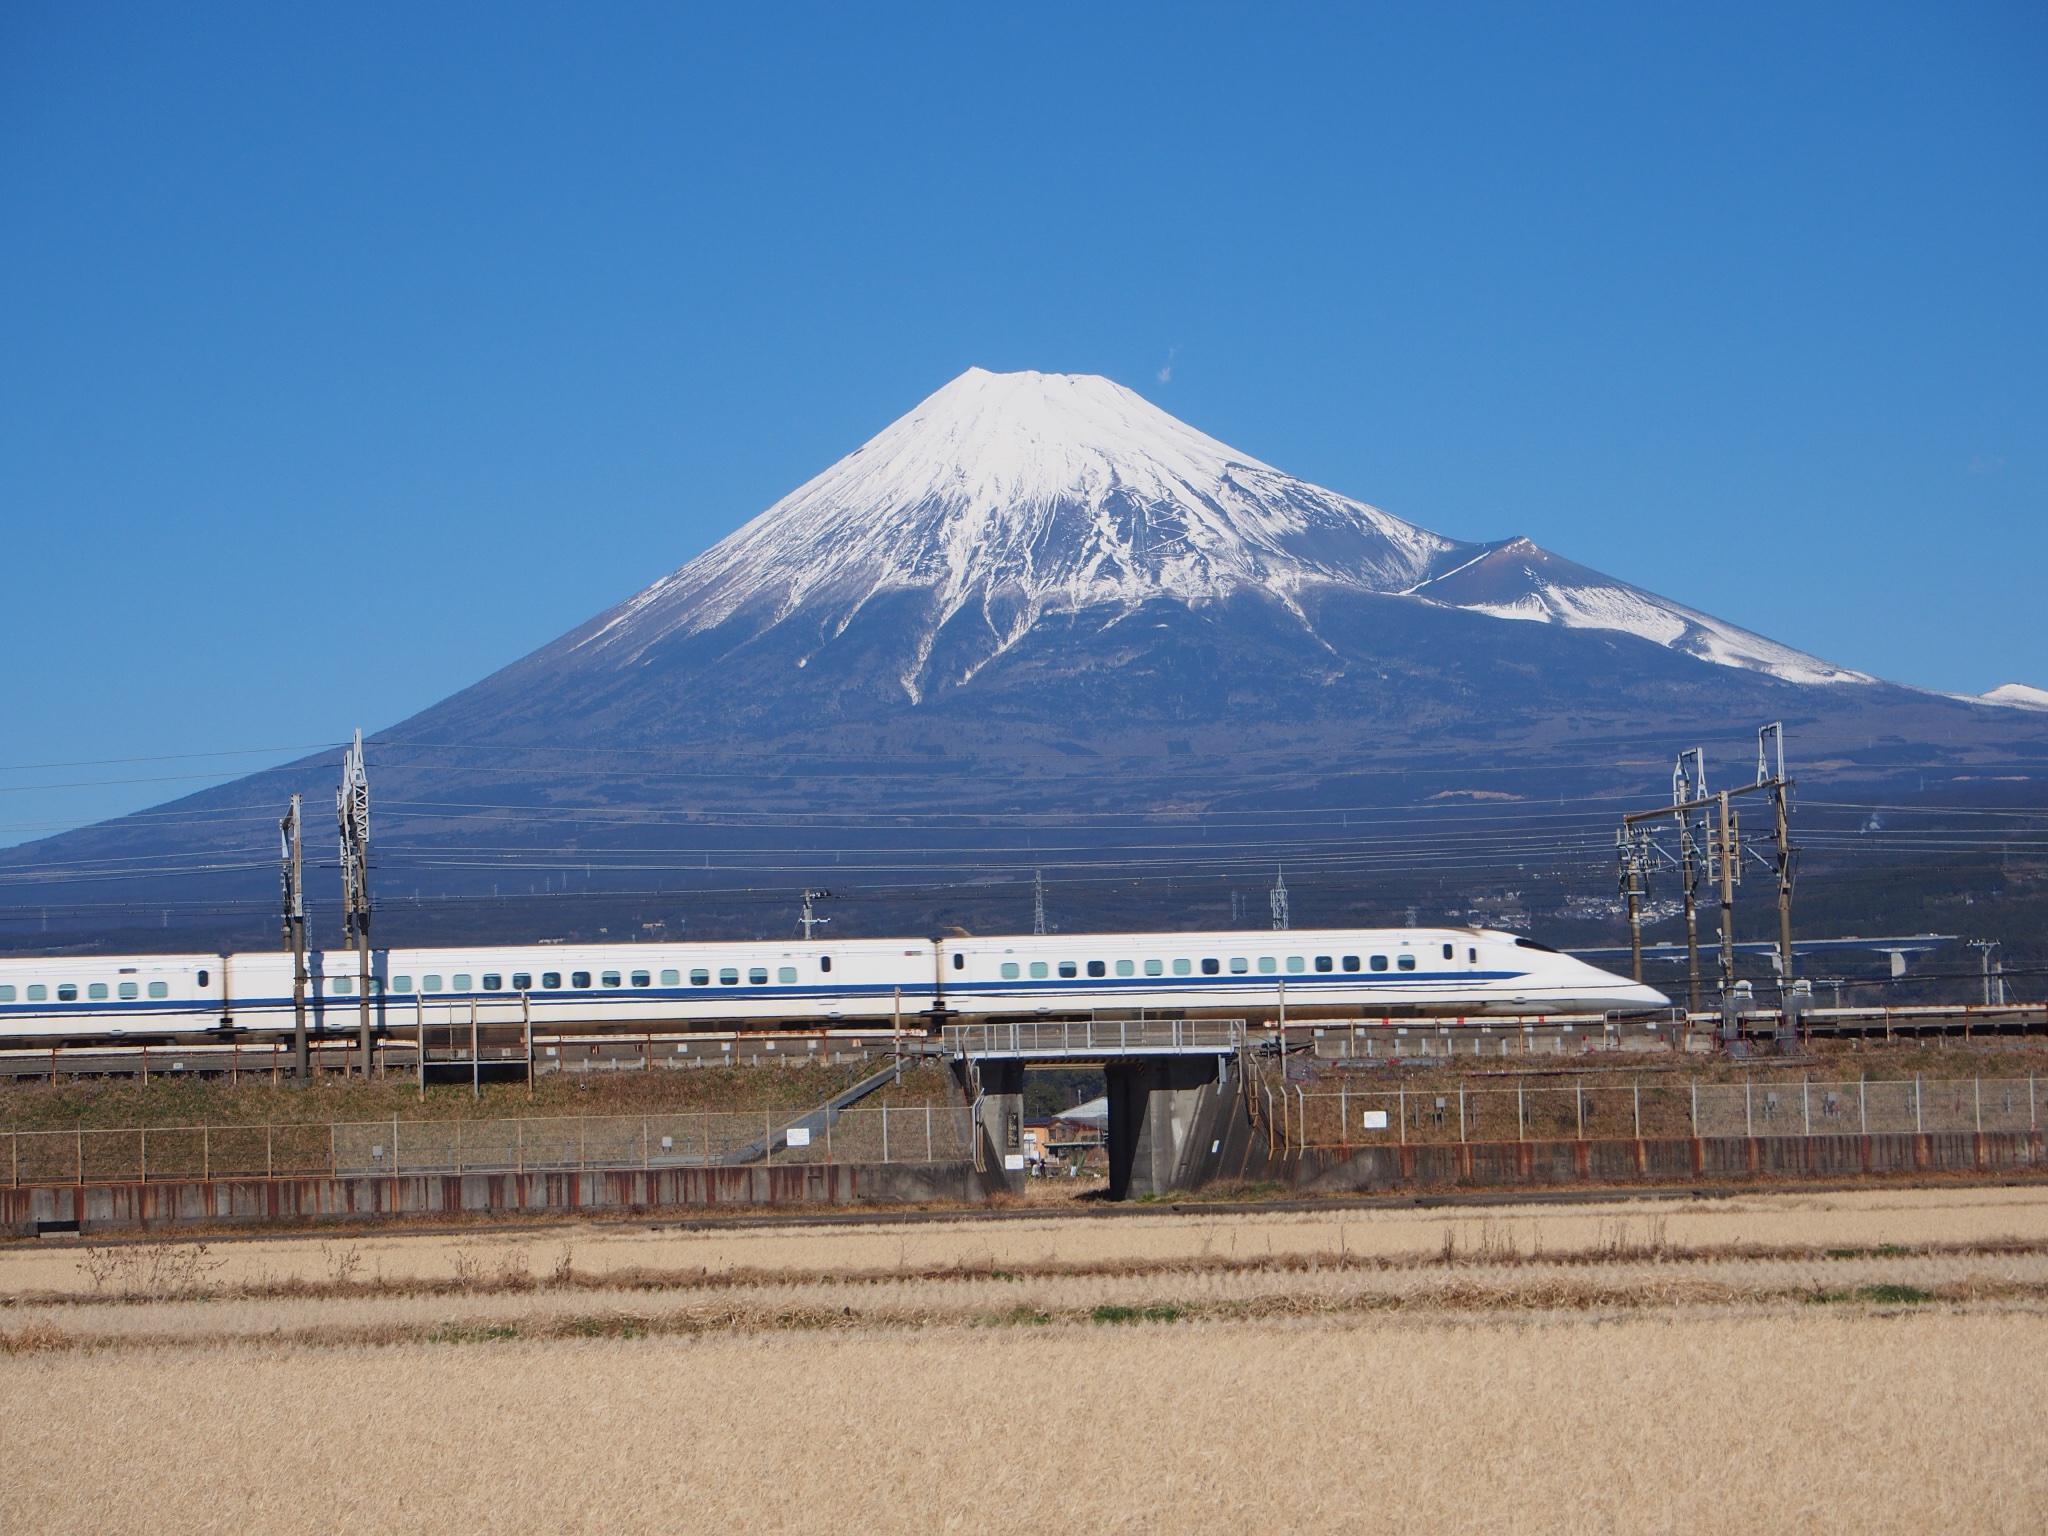 新幹線 700系 引退